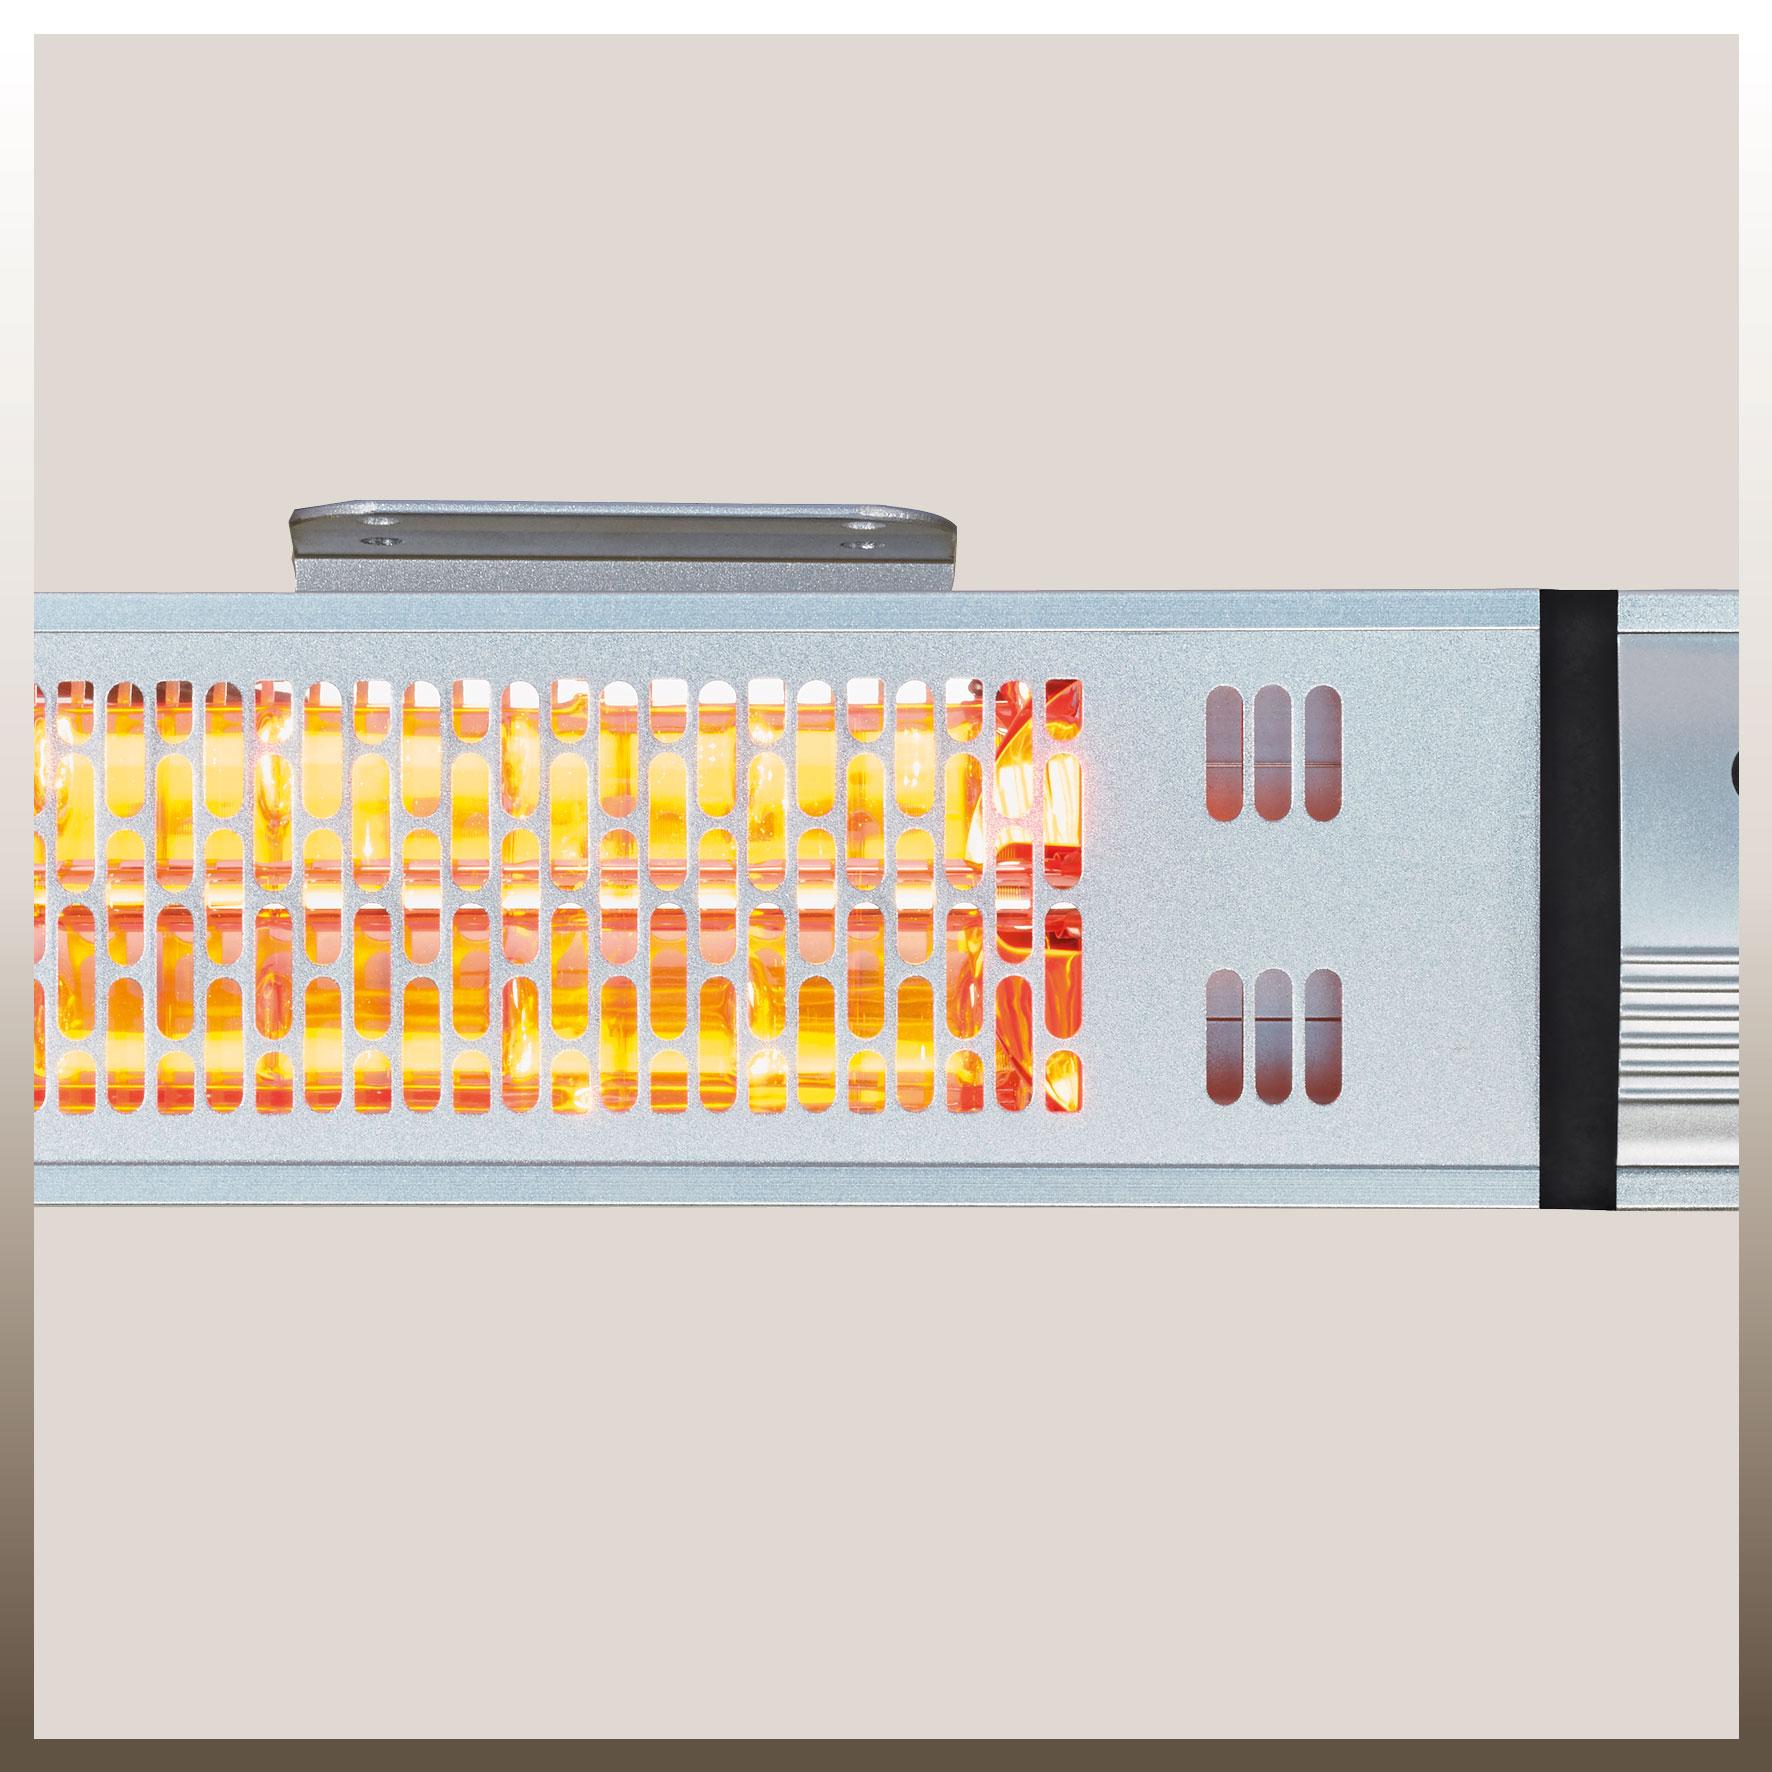 Elektro Terrassenheizer / Heizstrahler Einhell IPH 1500 1500 W Bild 4